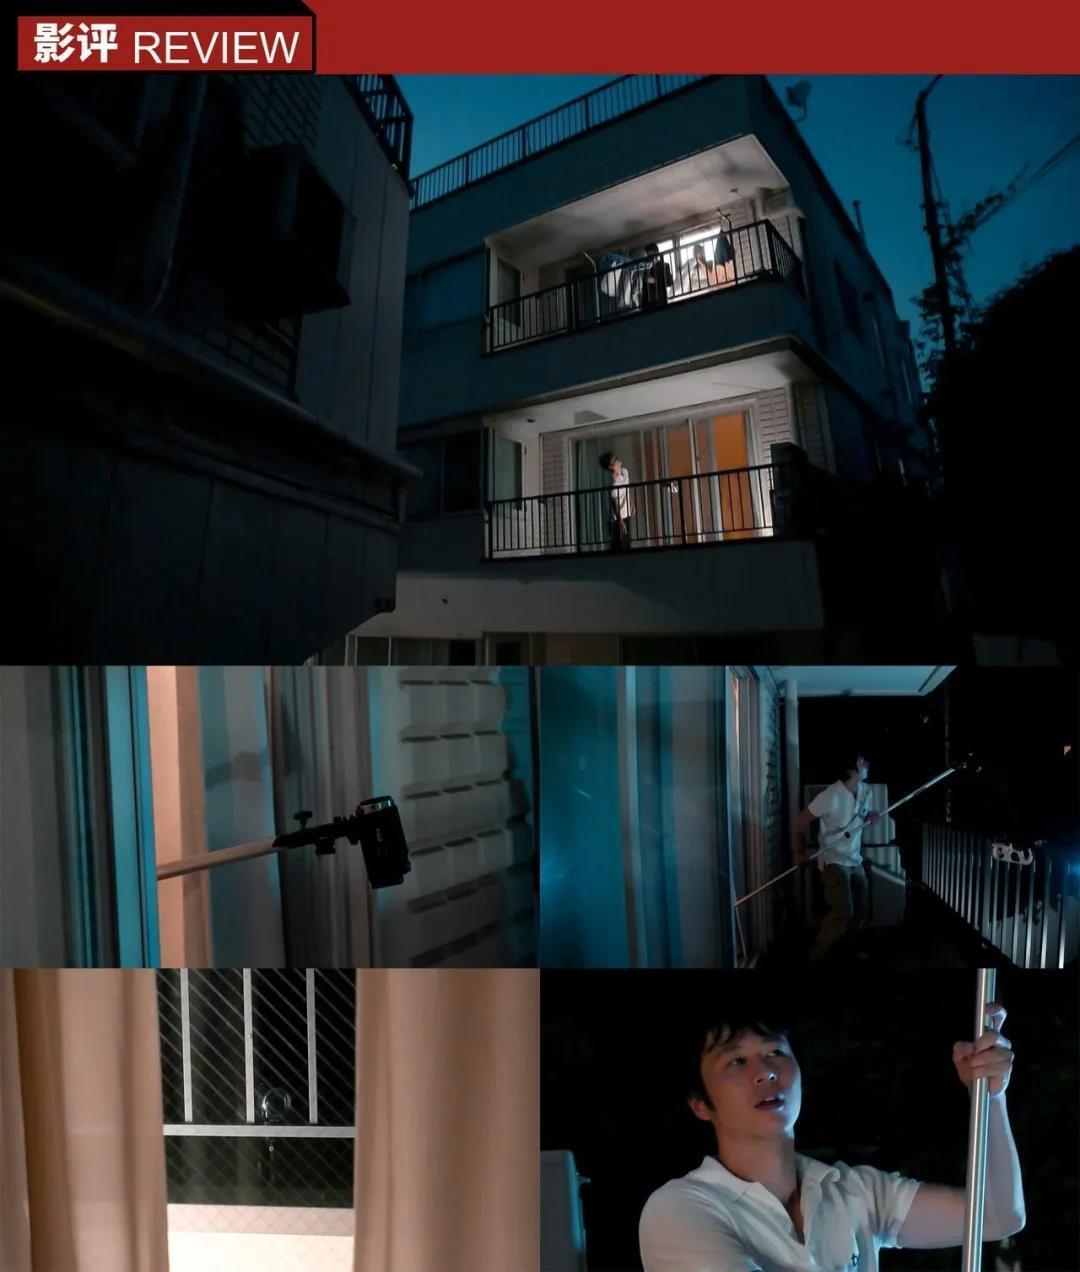 优秀作品《楼下那个女人》的图片 第3张